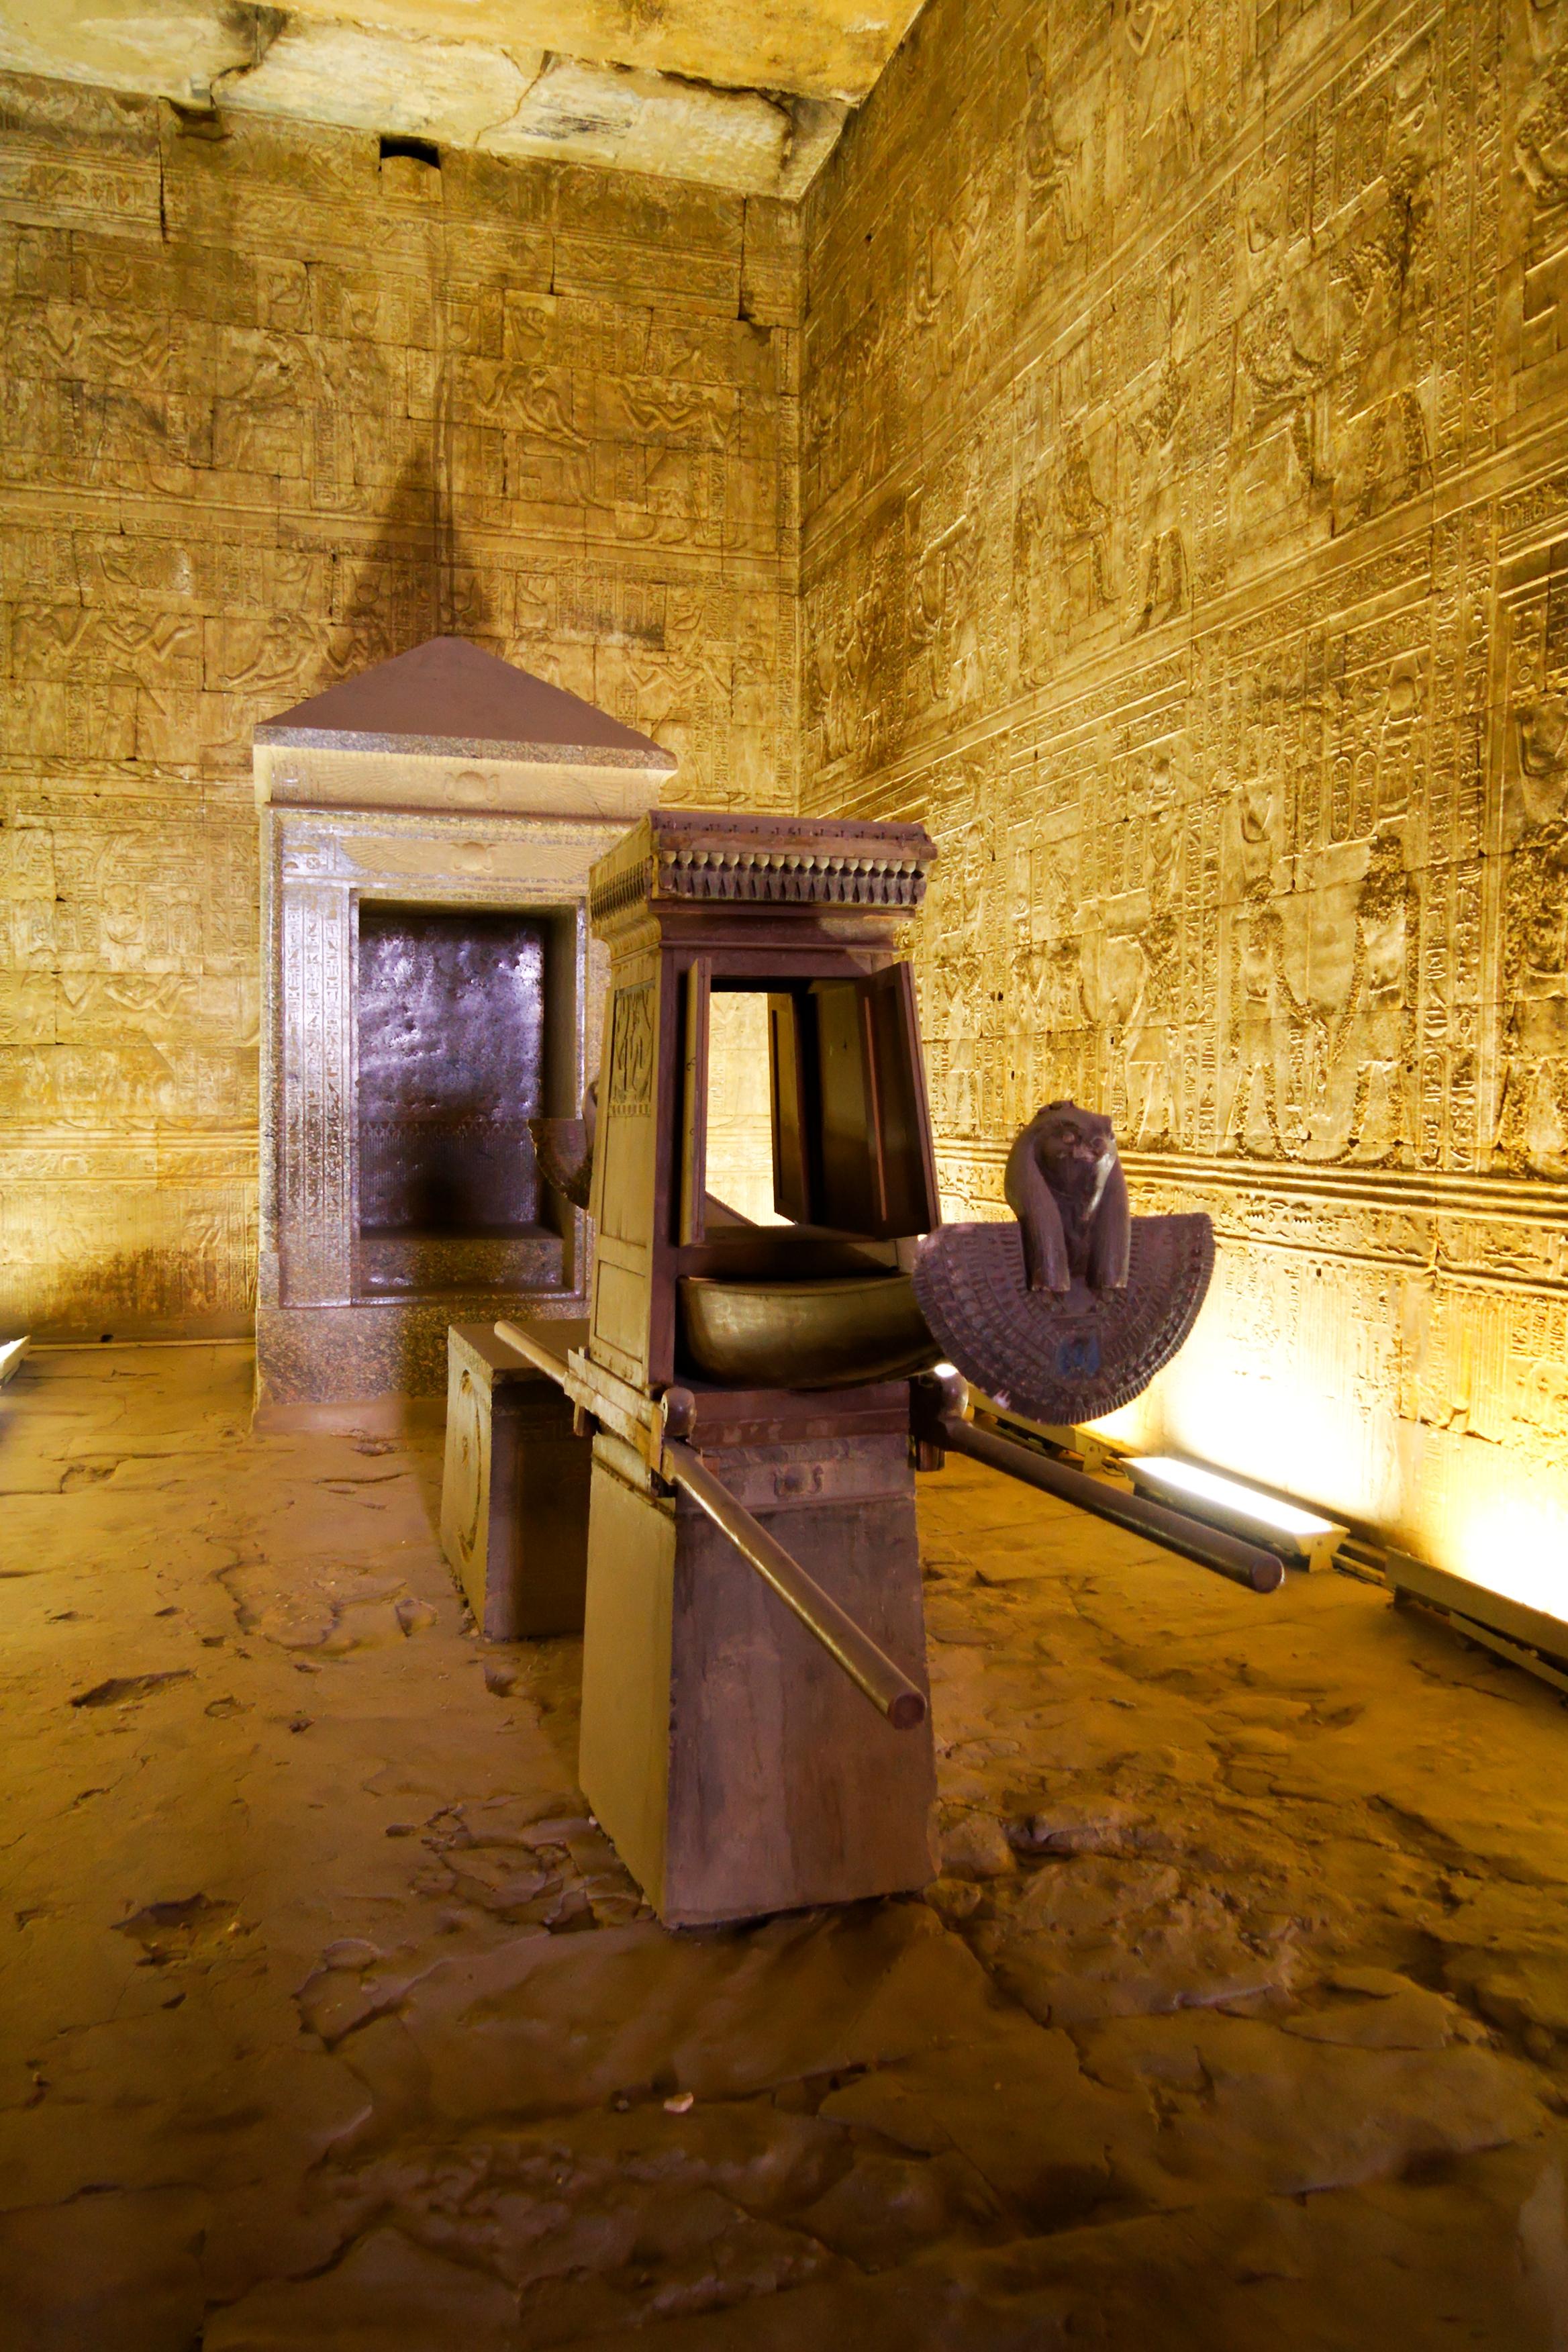 El templo de Horus: una joya egipcia - Egipto Circuito Heket y Mar Rojo